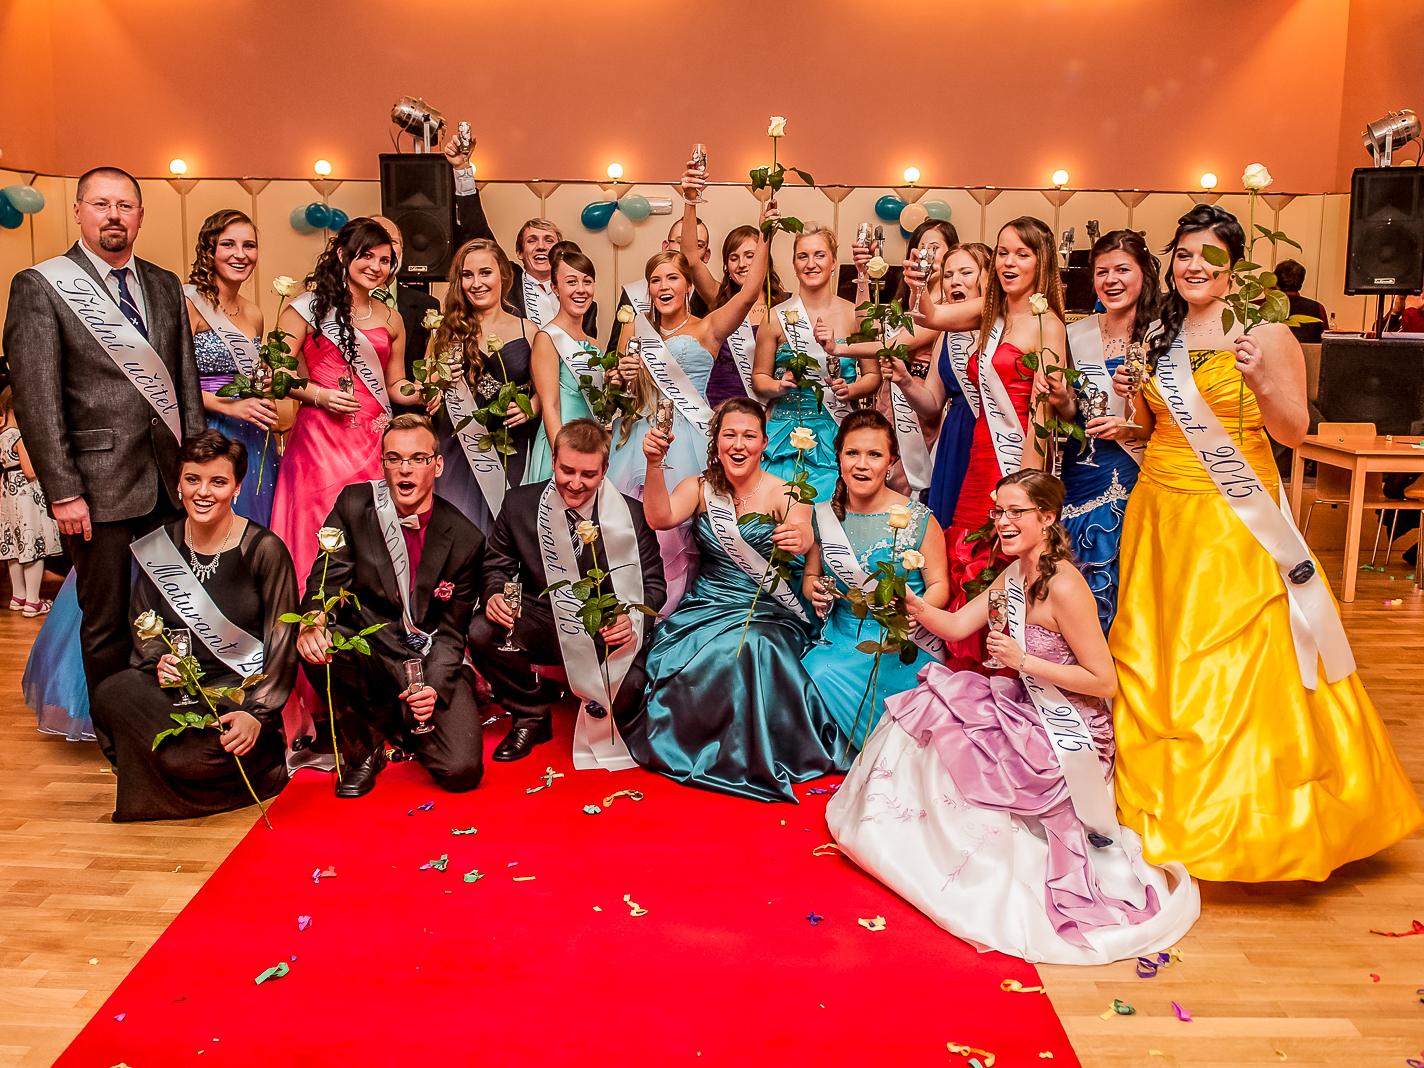 Focení maturitních plesů je aktuální téma